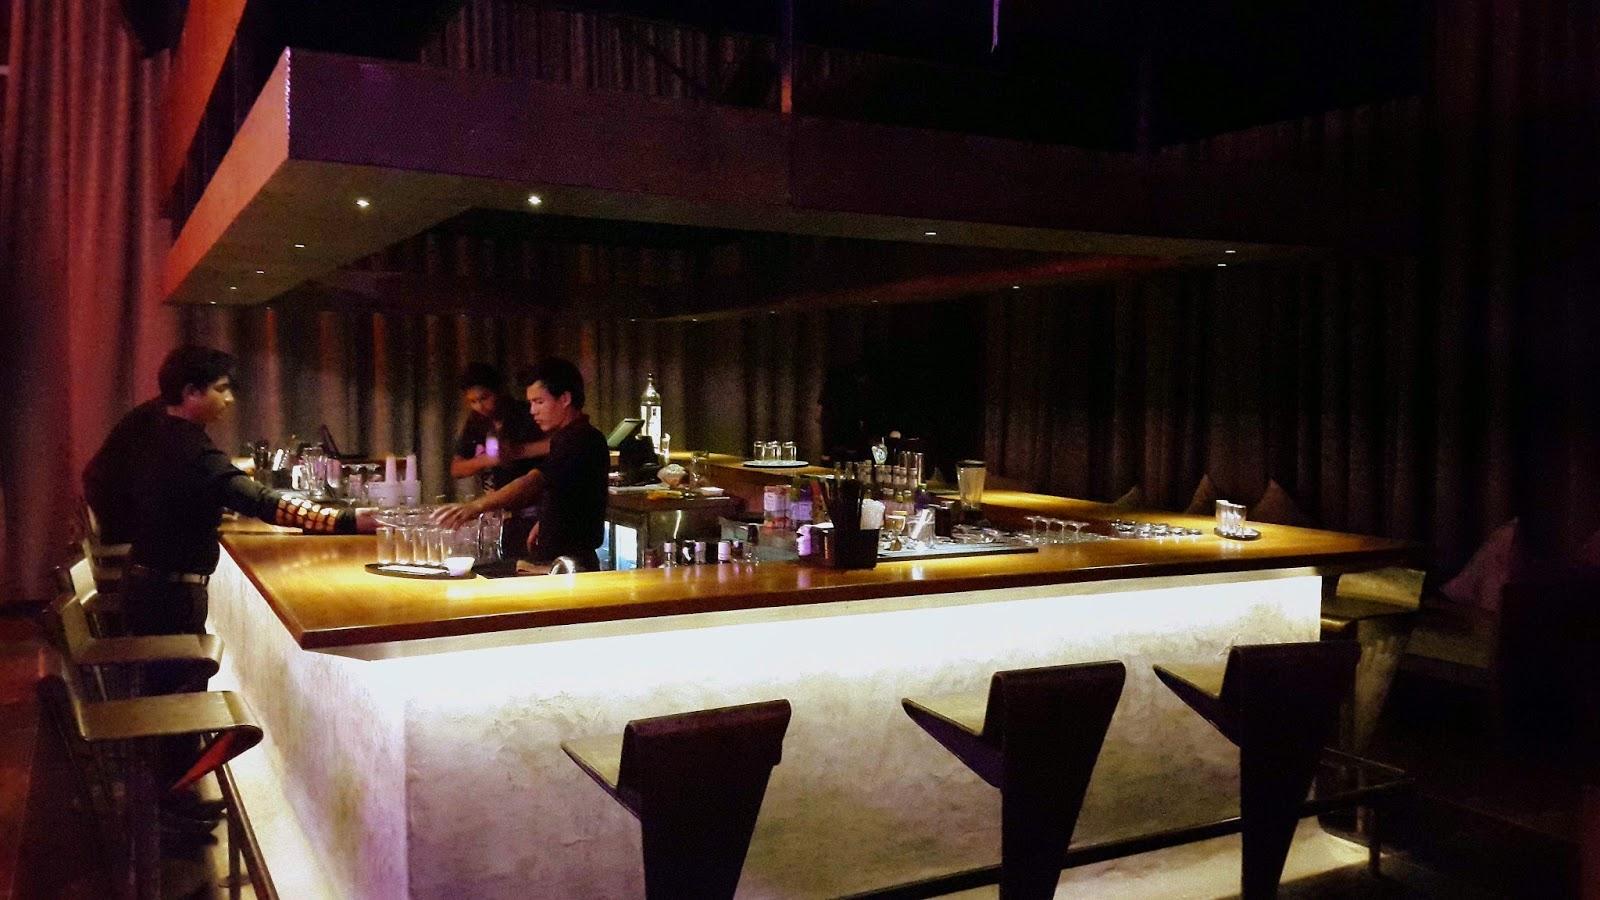 Komatose Bar